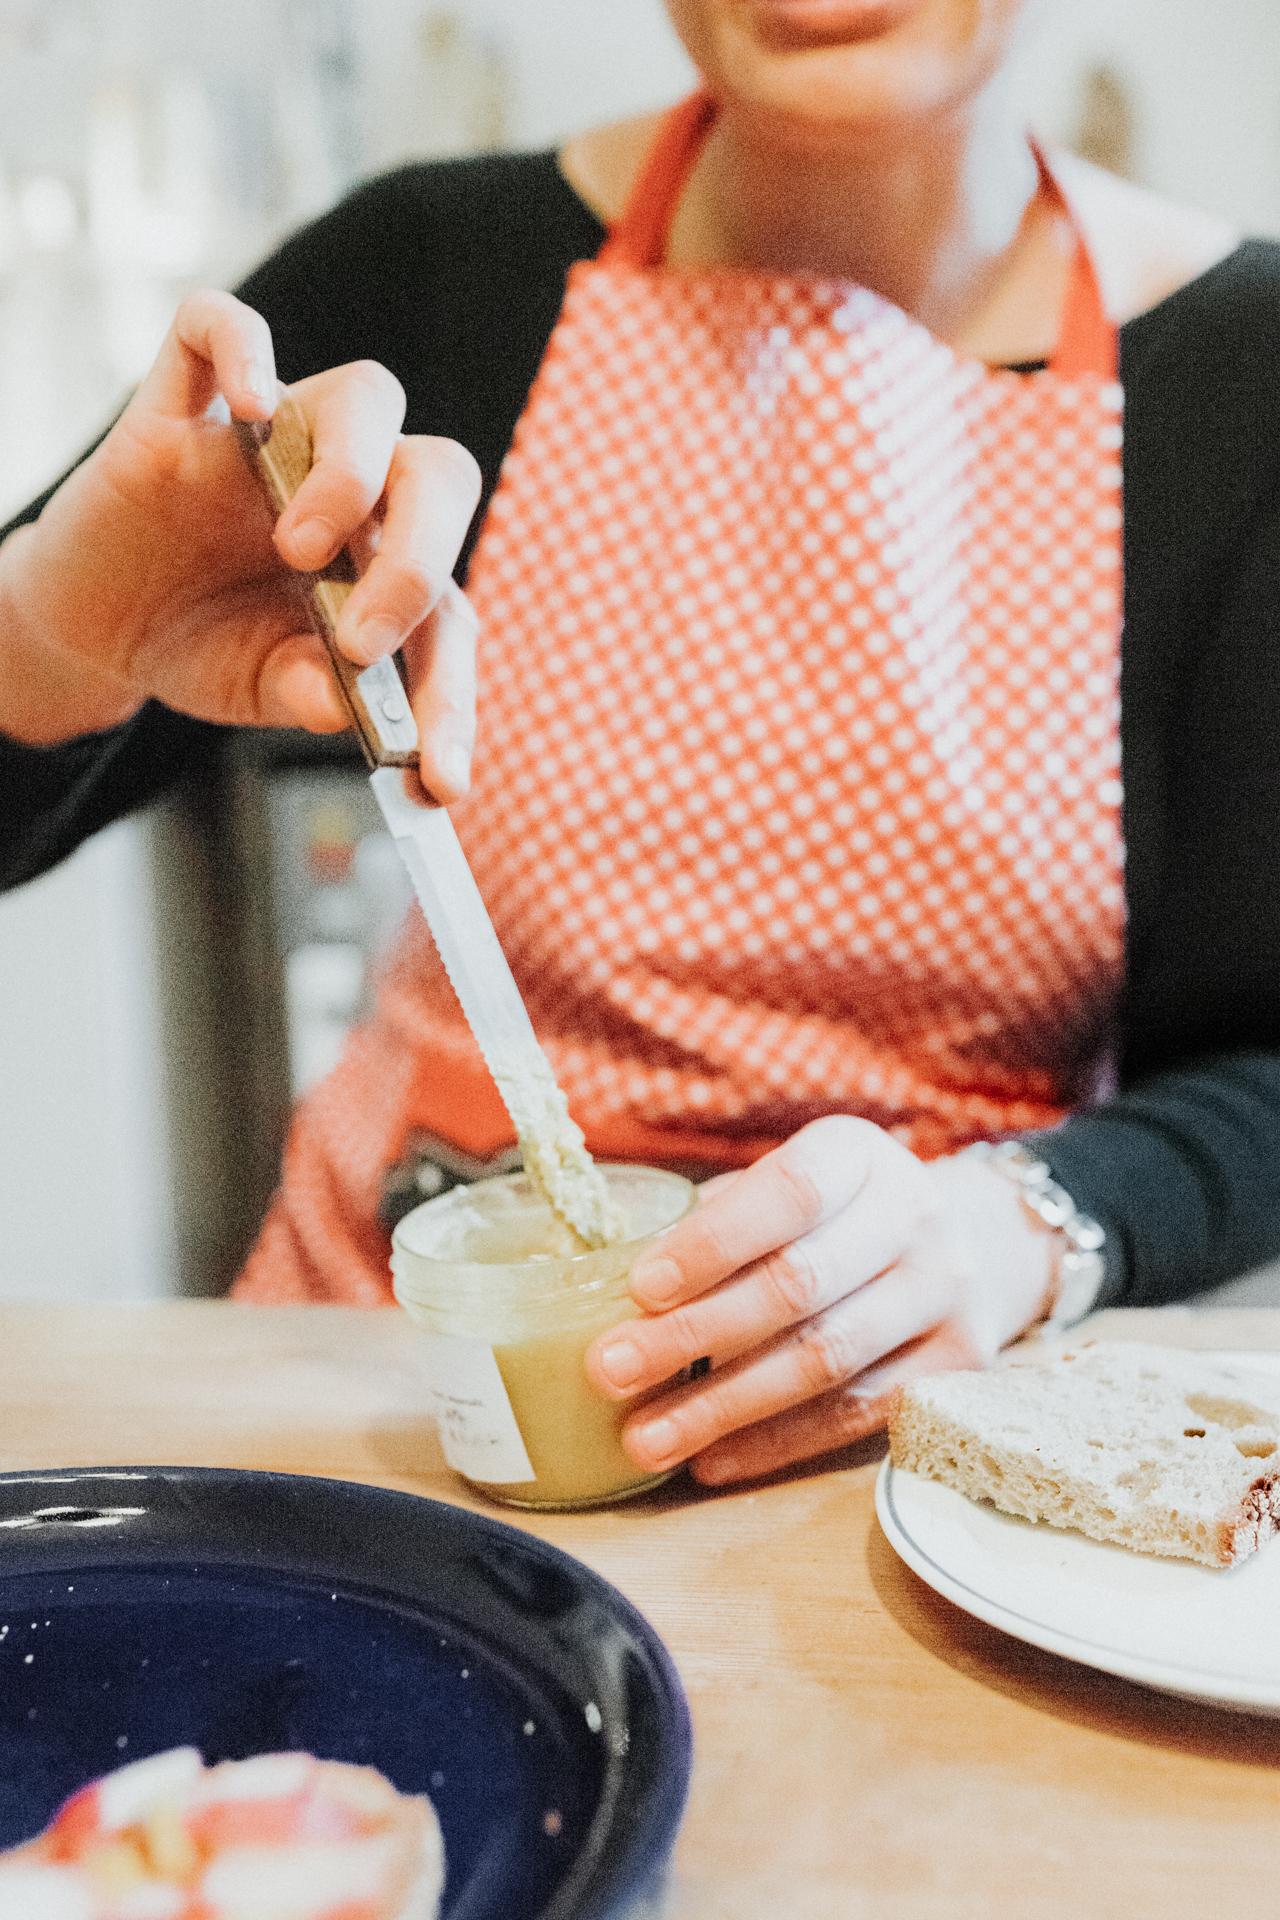 Mit einem Messer den Aufstrich entnehmen